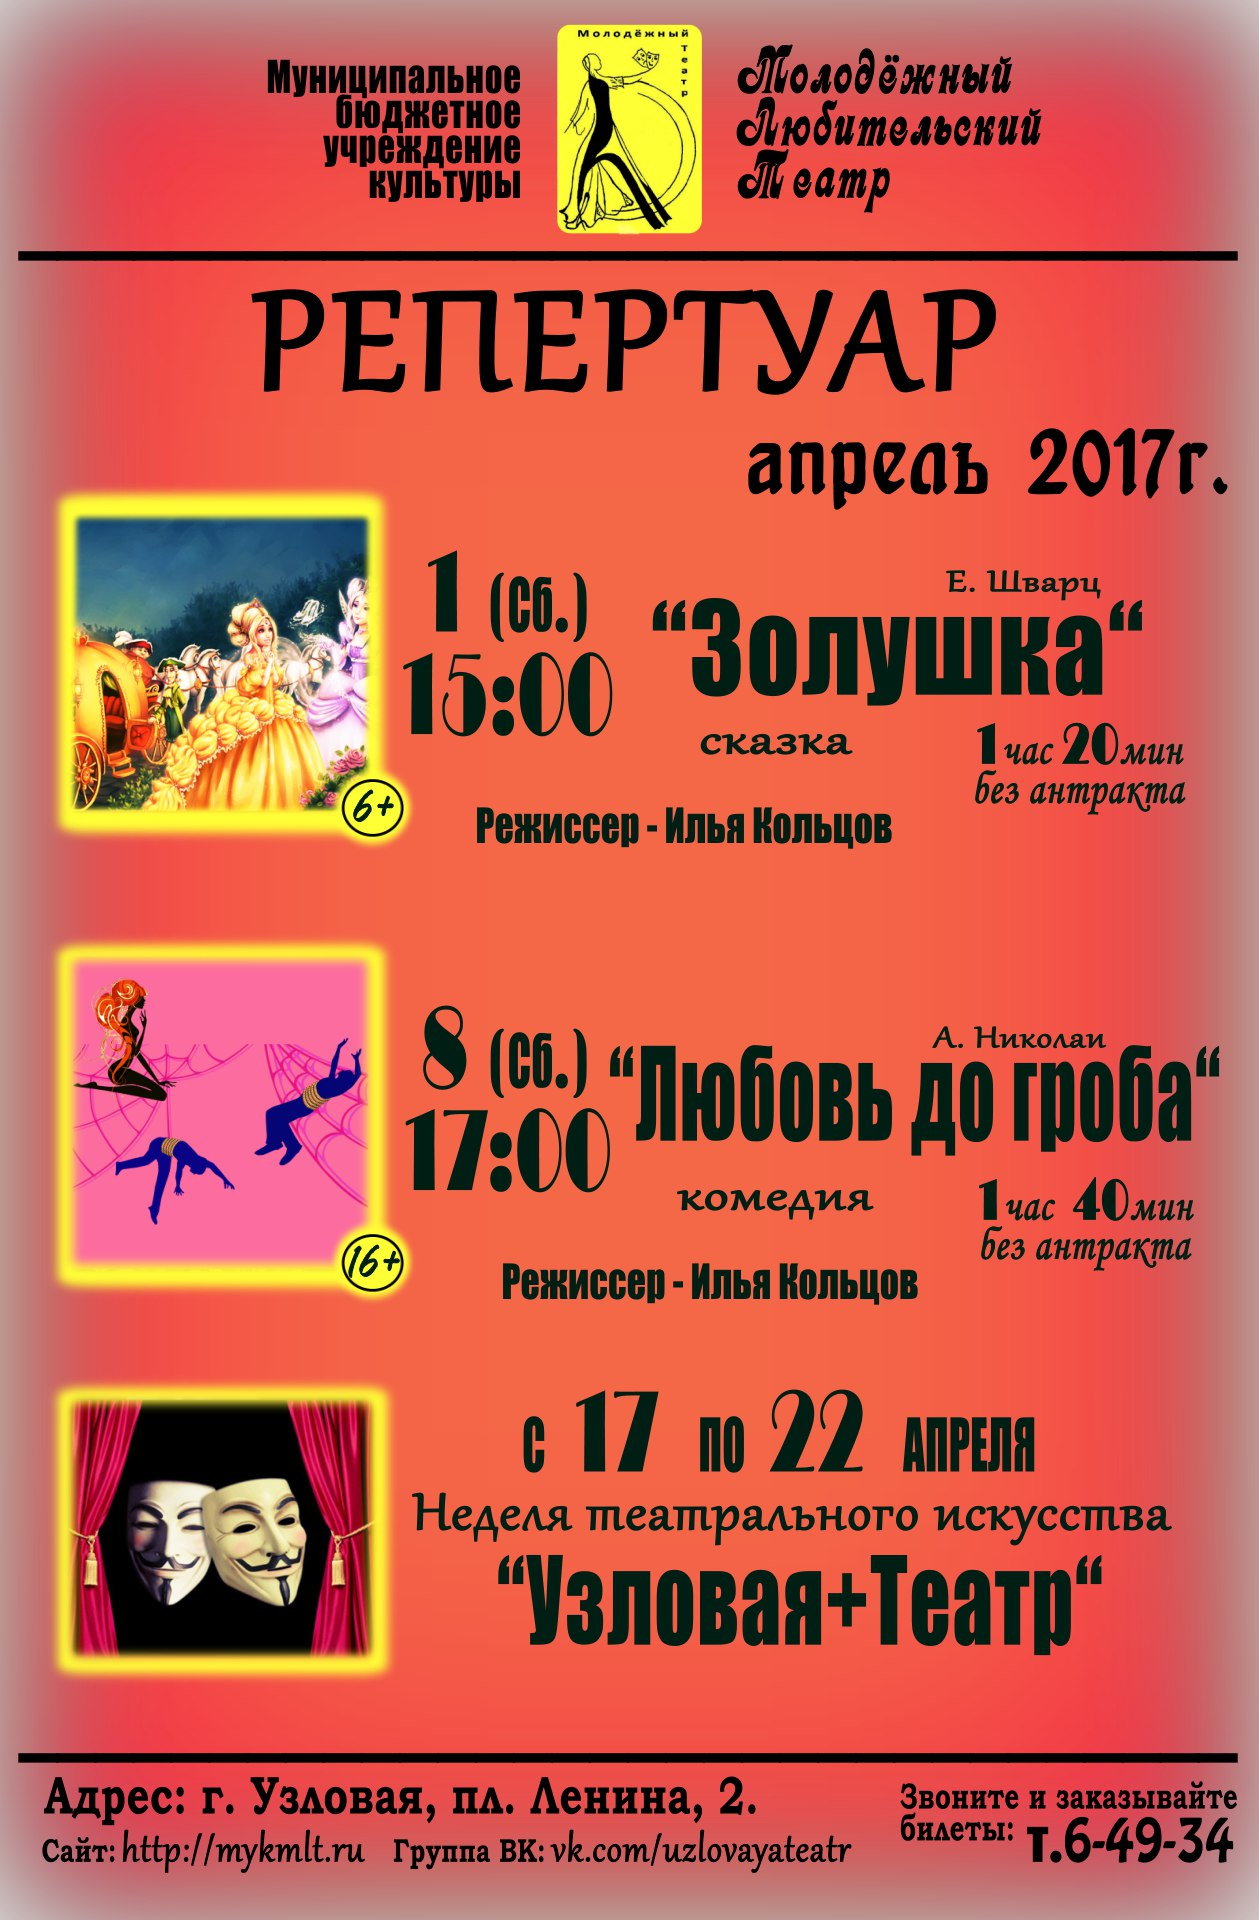 Апрель: Узловая+театр